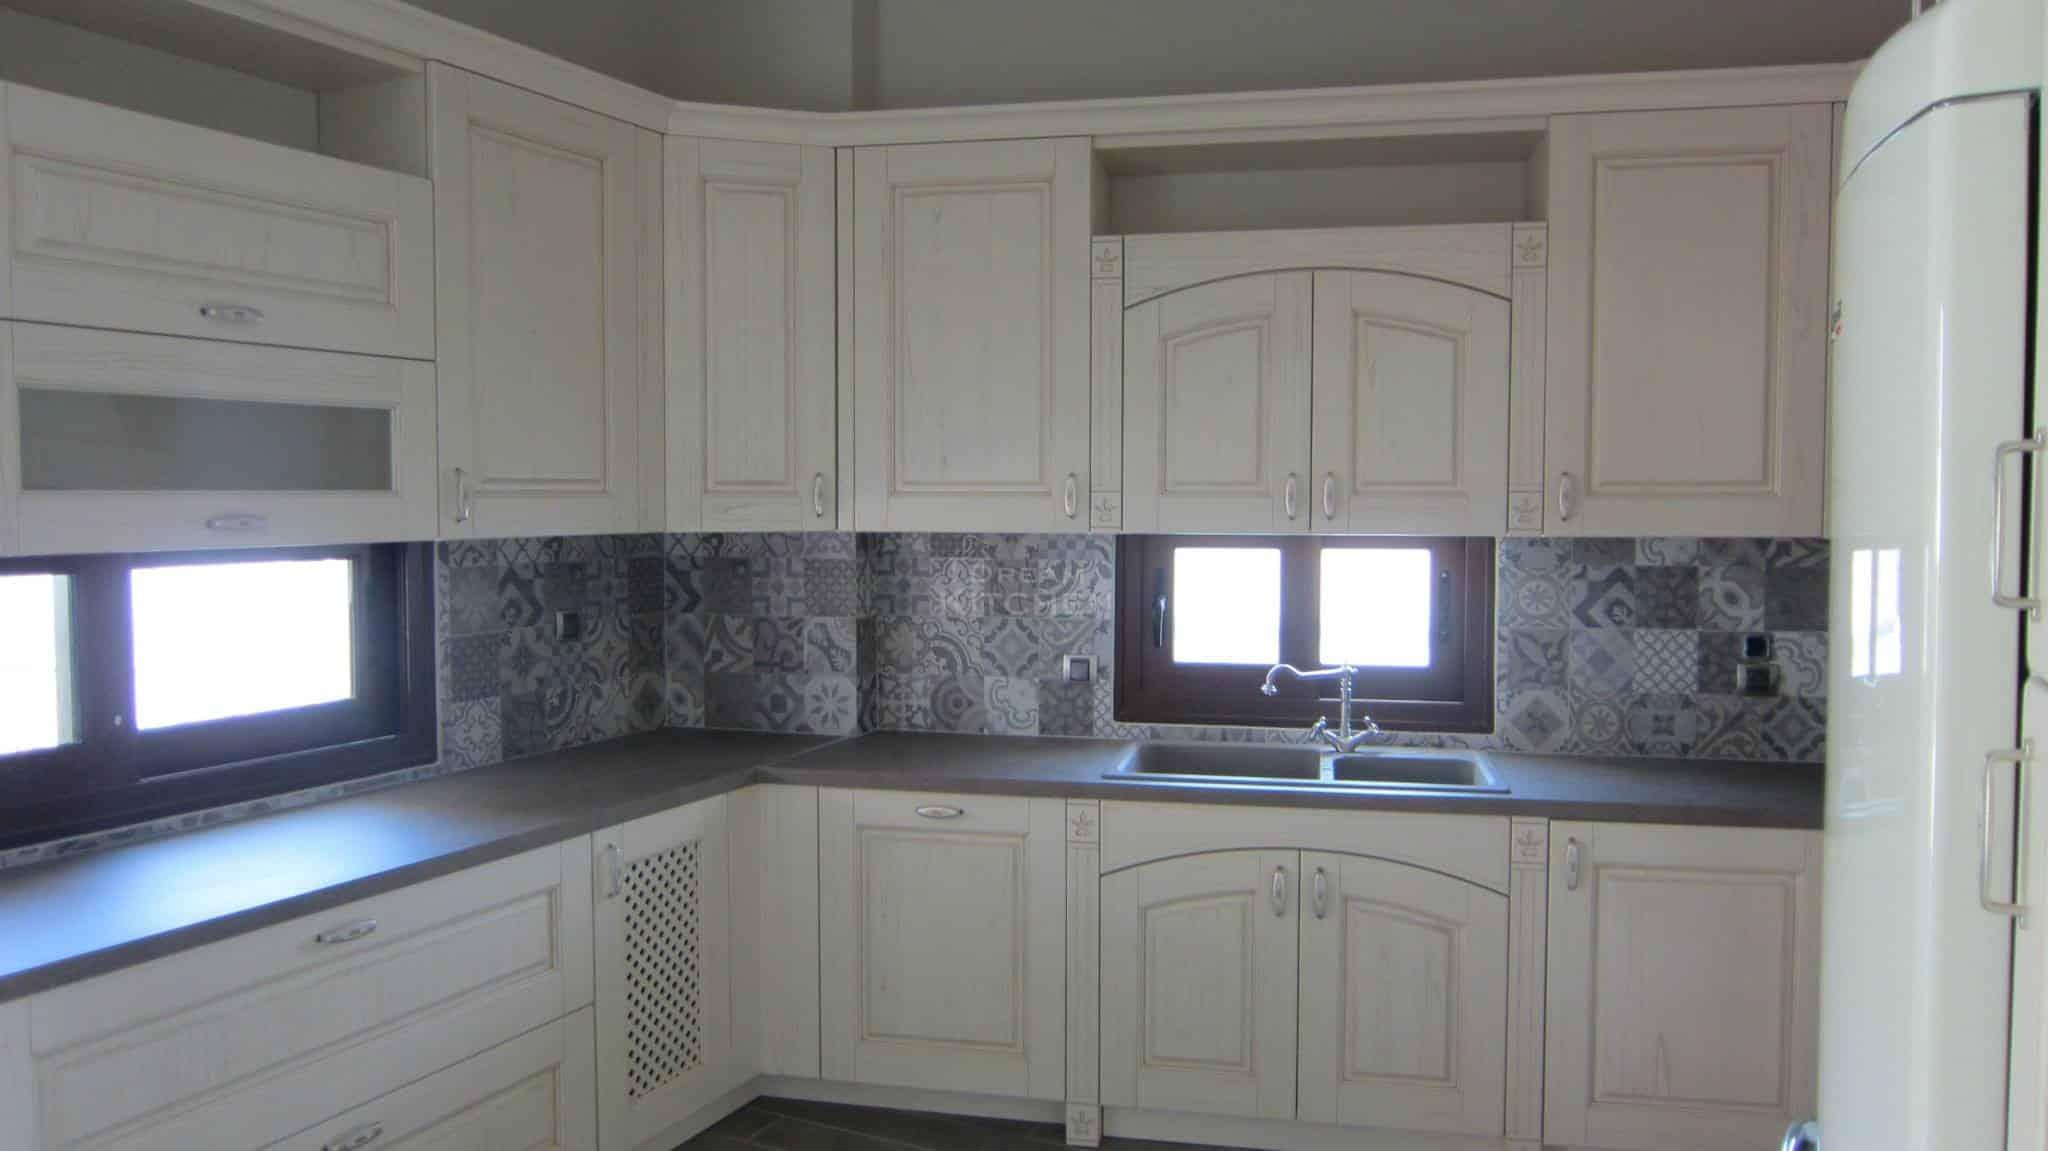 Πλήρης επίπλωση κατοικίας κουζινα μασιφ 51